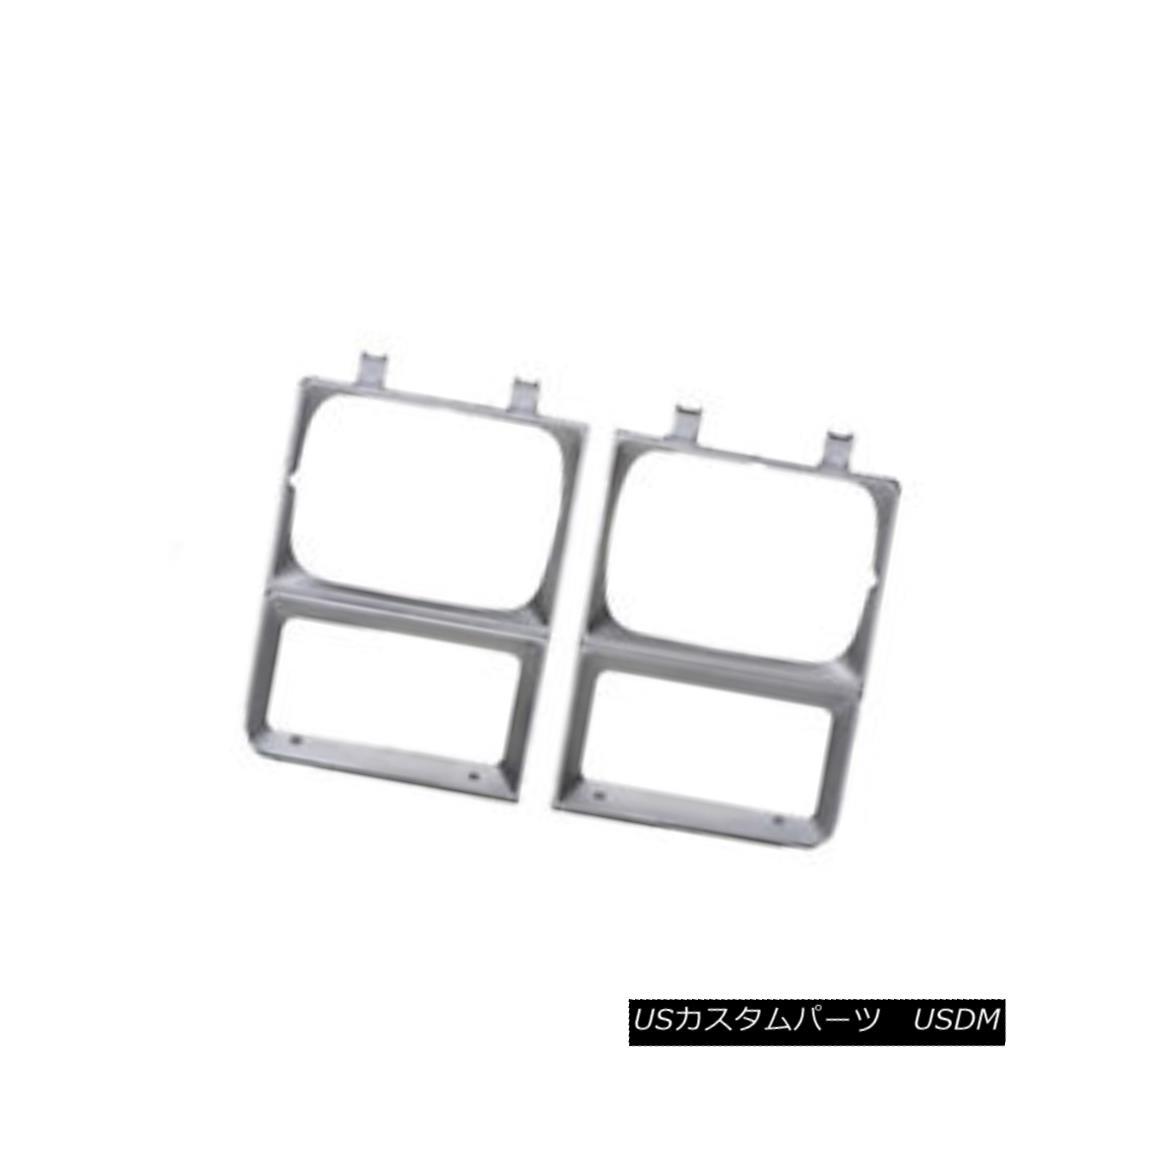 グリル New Replacement Headlight Door Driver Side for Single Lamp 630-00845L 単一のランプ630-00845Lのための新しい交換ヘッドライトドアドライバサイド